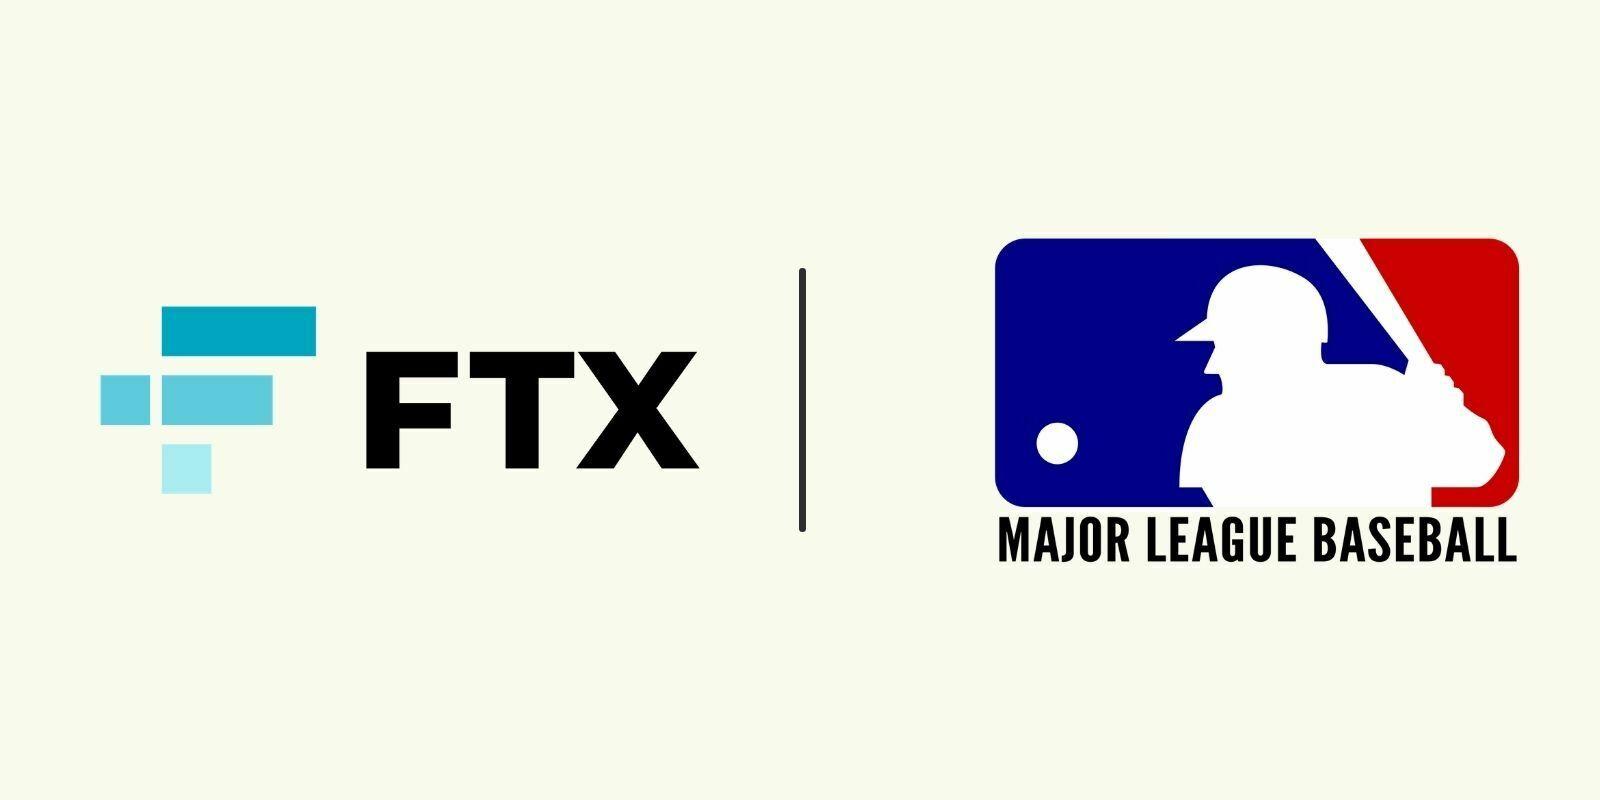 FTX signe un partenariat de 5 ans avec la Major League Baseball (MLB)